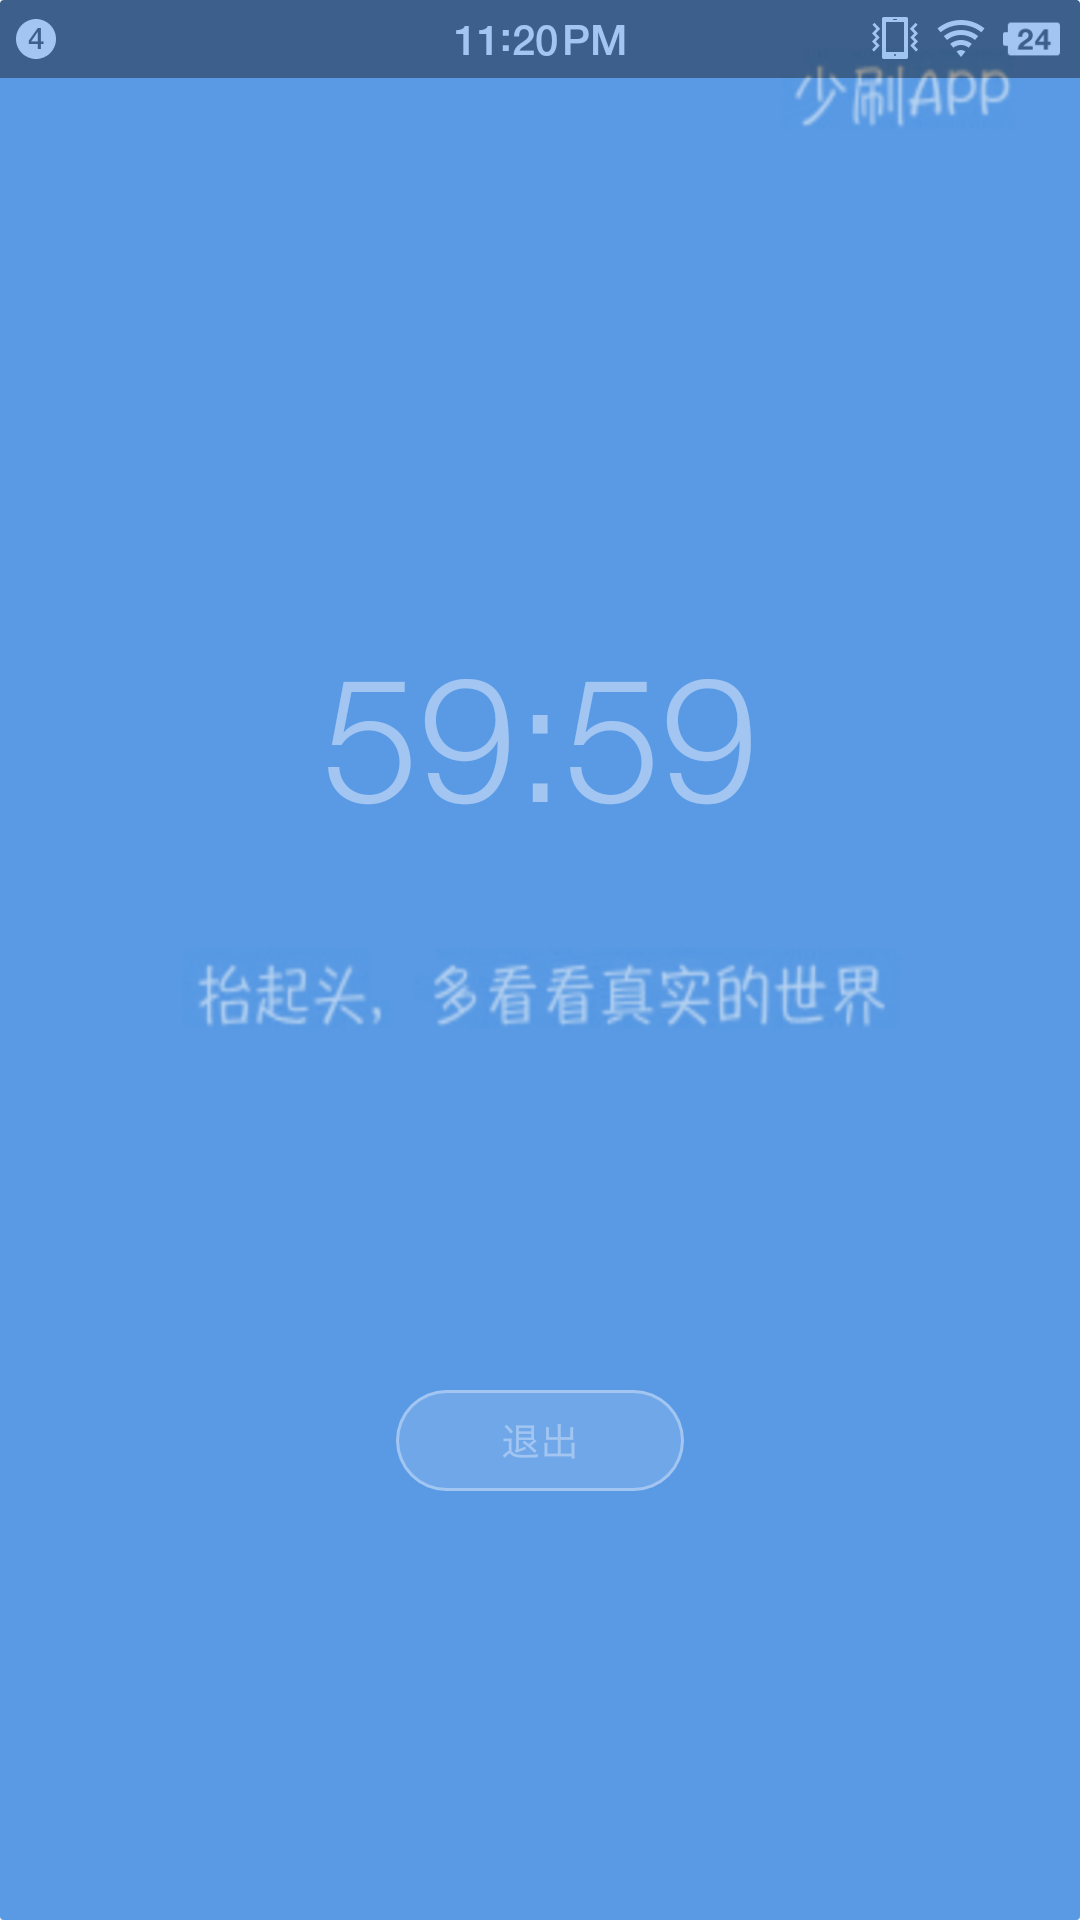 少刷手机app图2